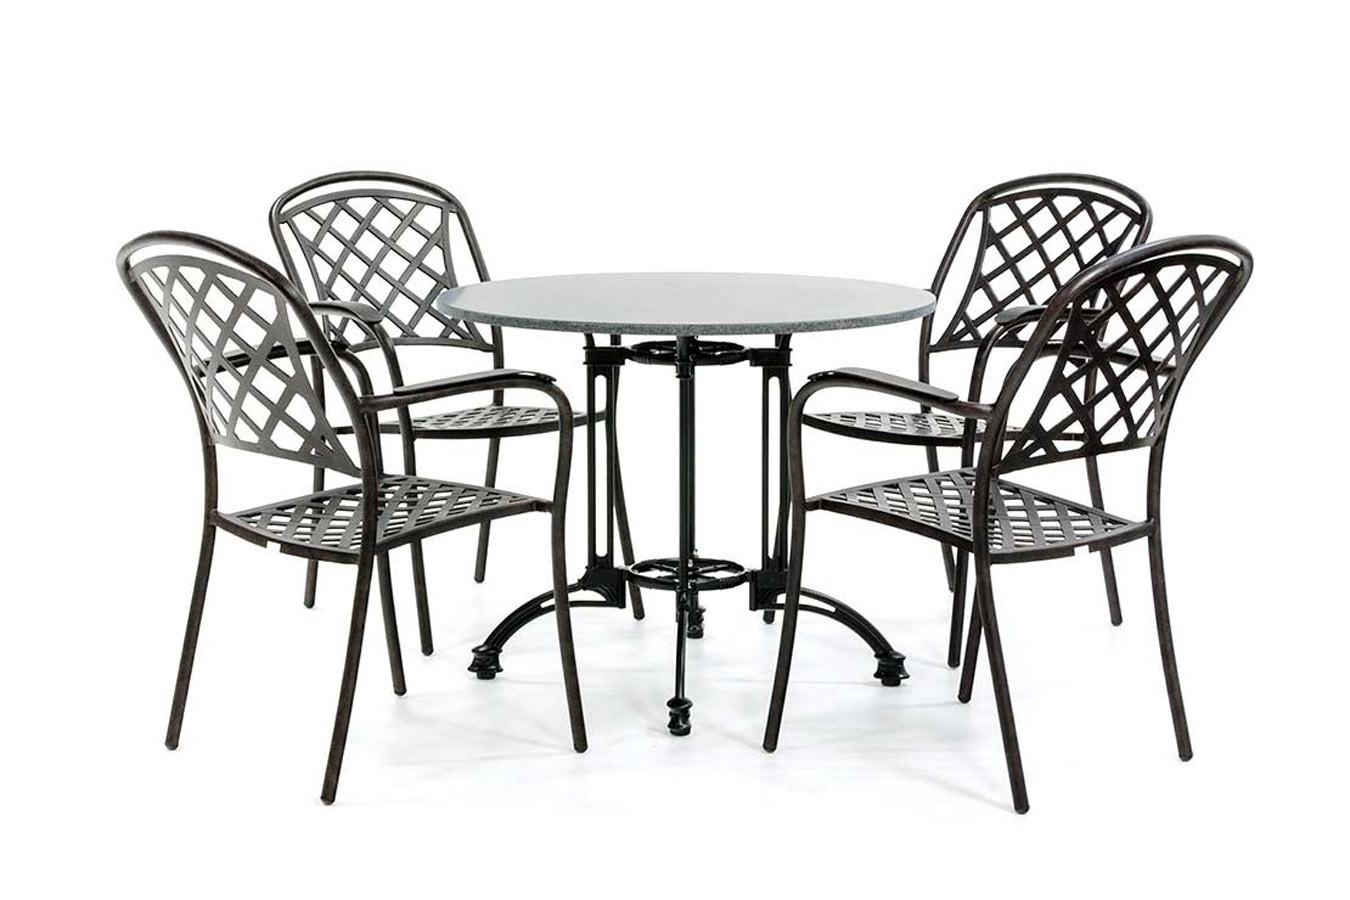 Granit-Bistro-Set mit 4 klassischen Stühlen